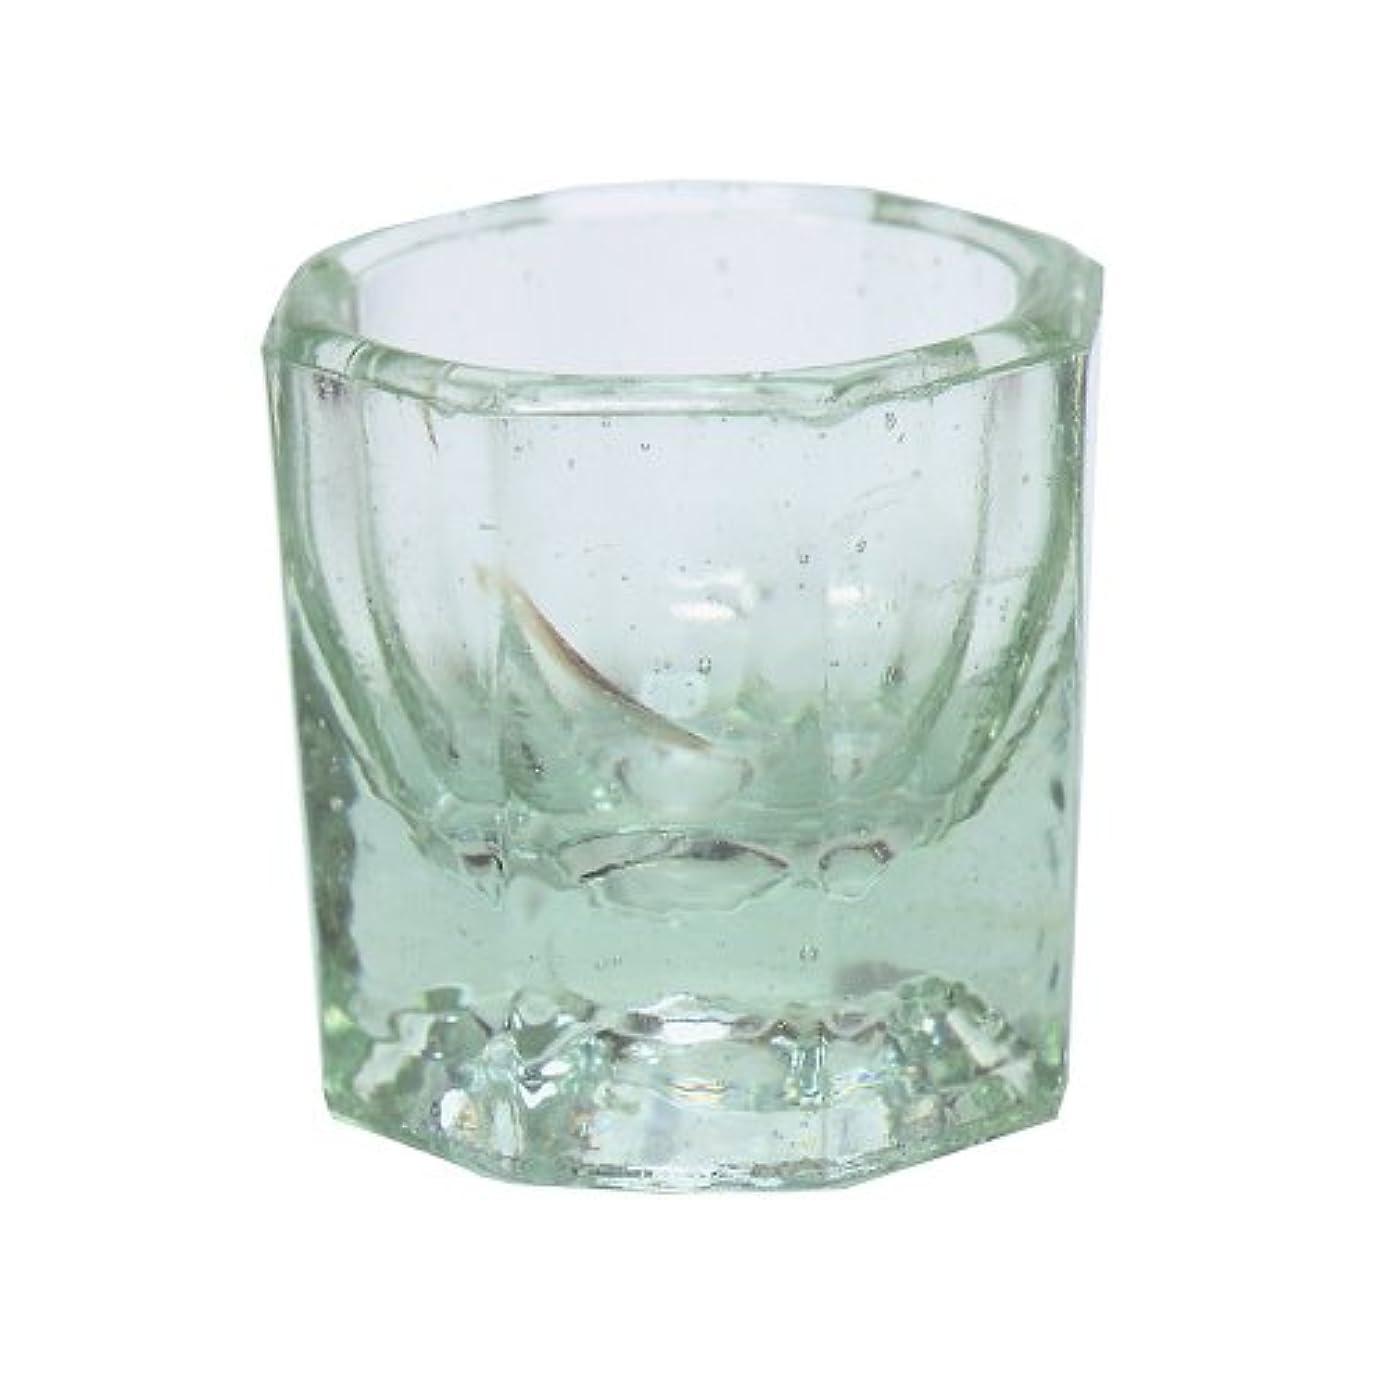 乱暴な統合熱Nrpfell Nrpfell(R)5パック、オールシーズンガラス皿